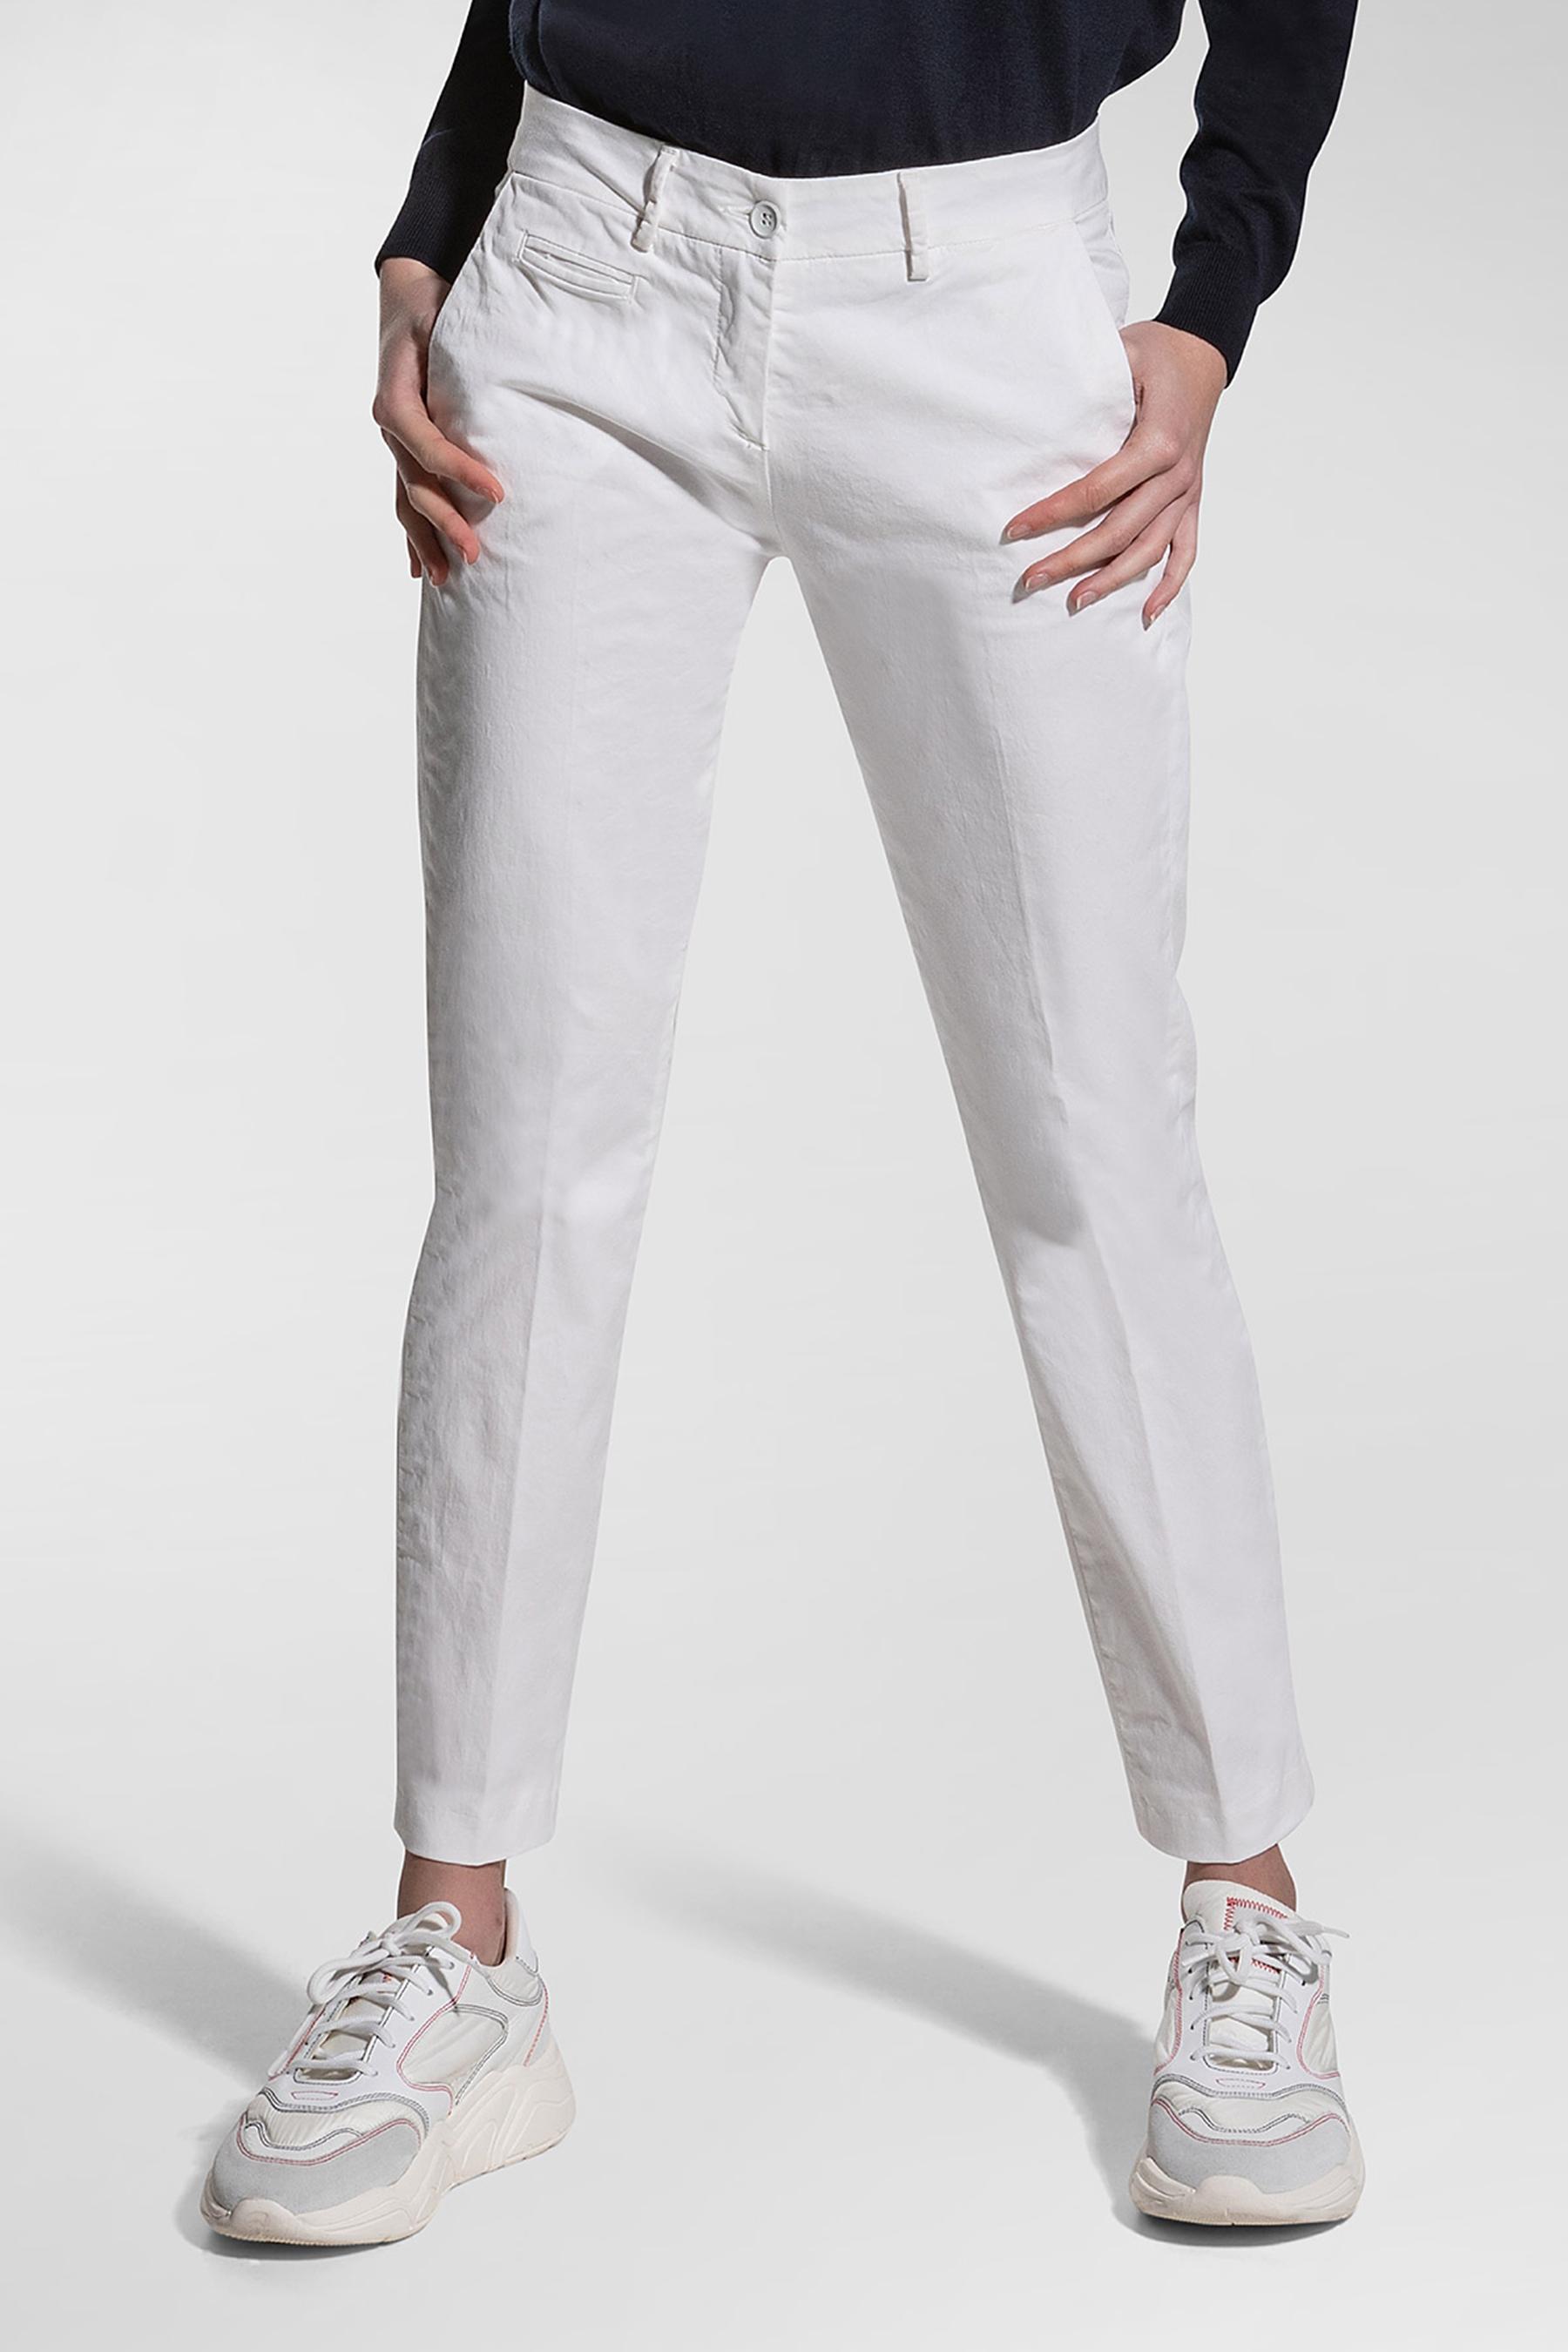 Pantaloni chino in gambardine PEUTEREY   Pantaloni   PED3592BIA